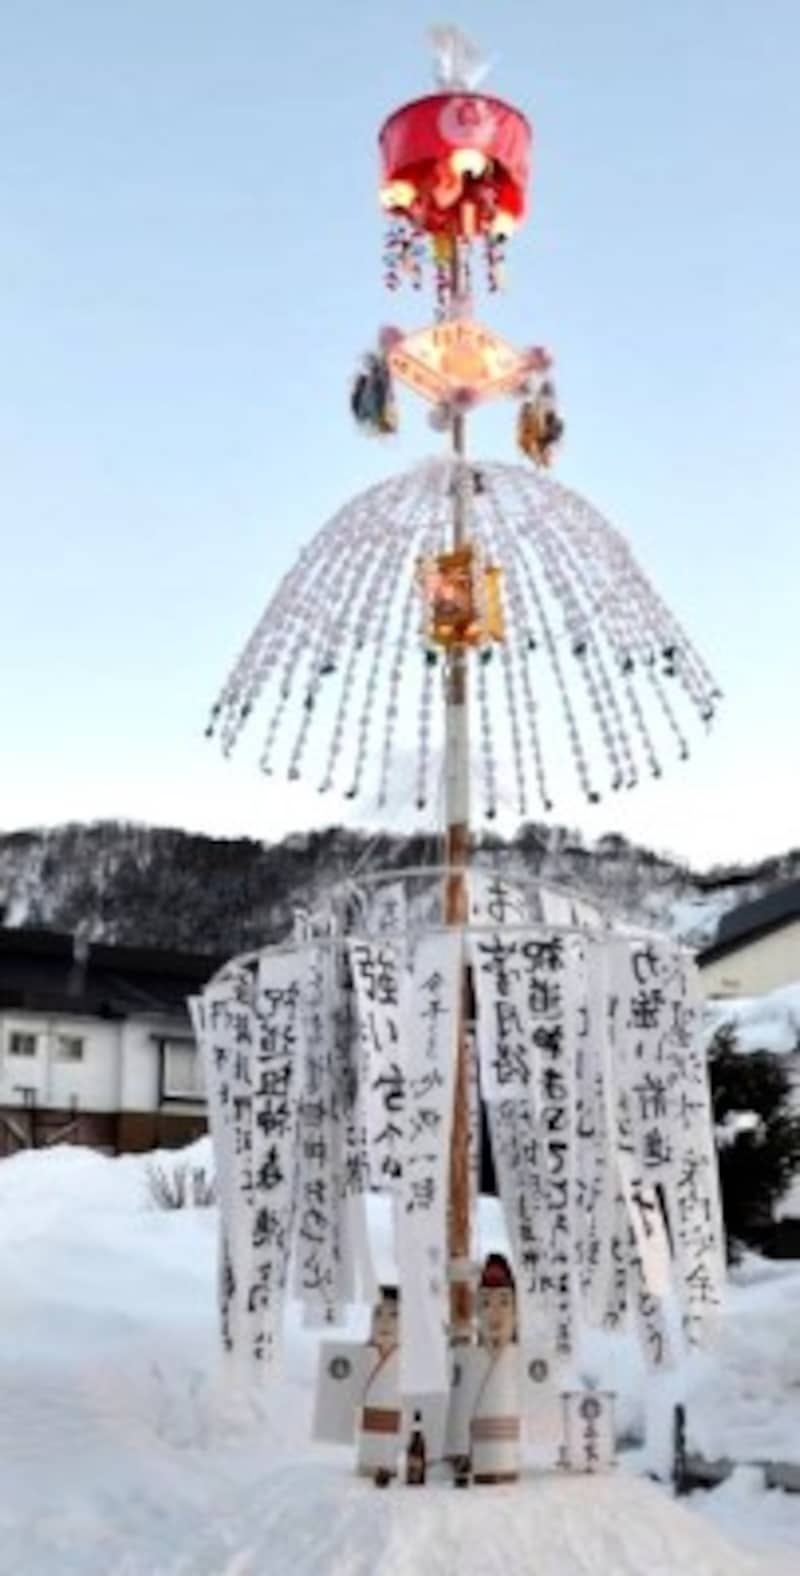 野沢温泉の道祖神祭り初灯籠